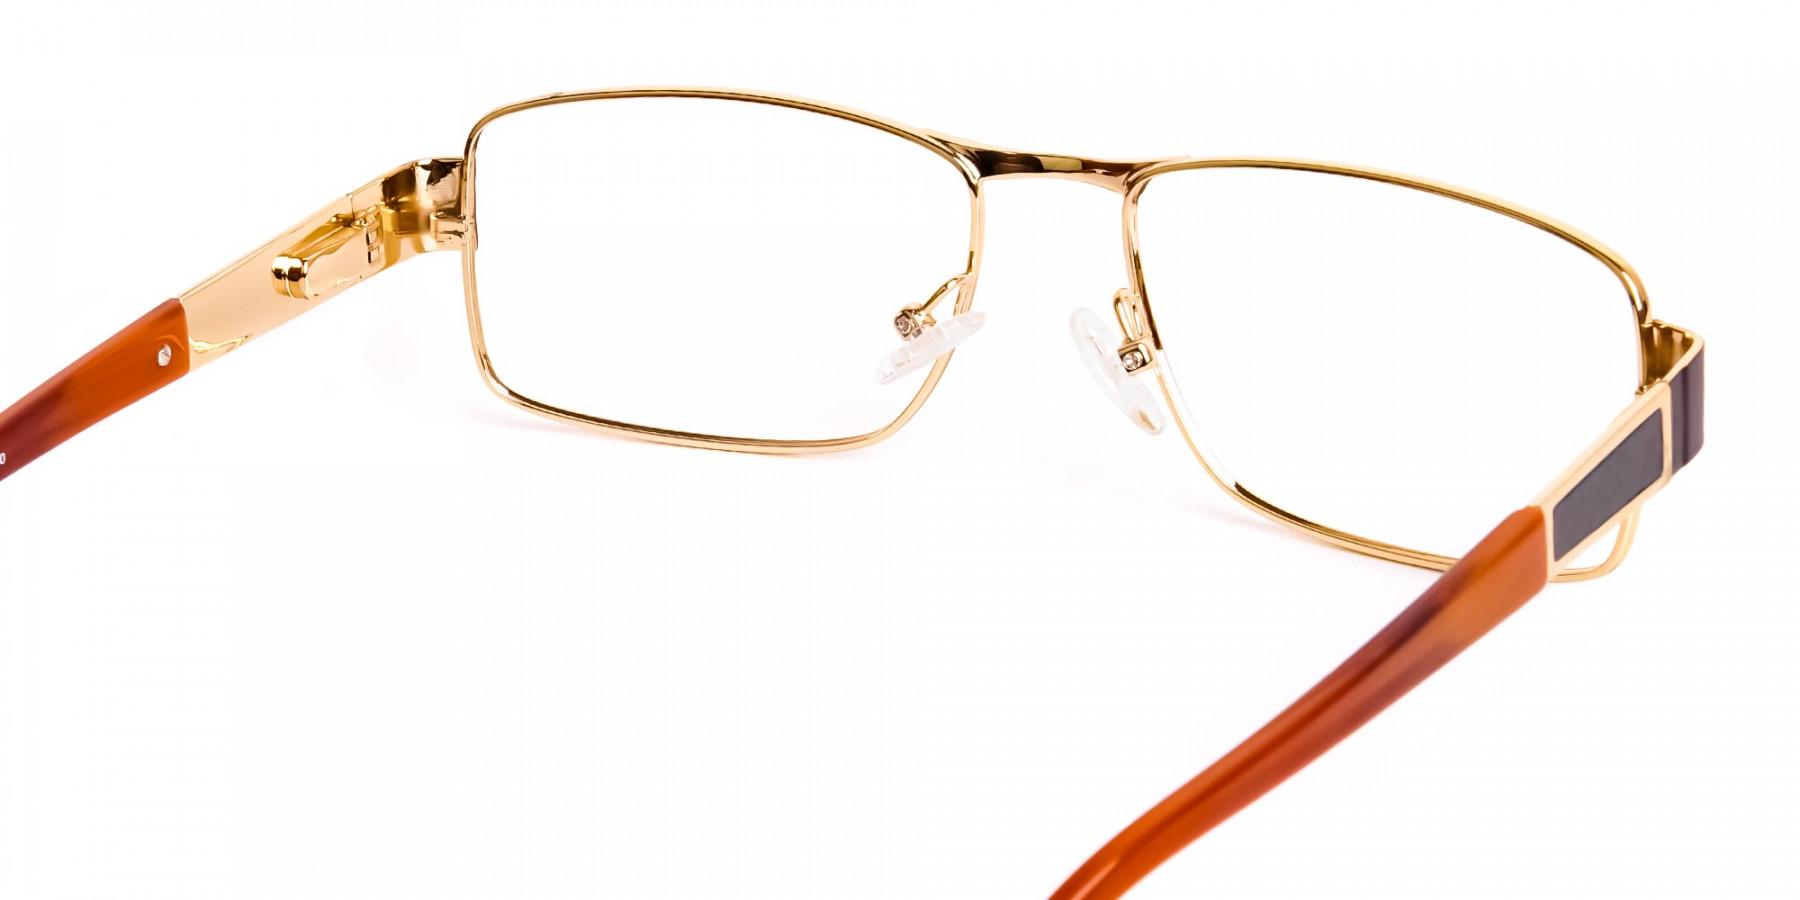 brown-and-gold-rectangular-full-rim-rectangular-glasses-frames-1